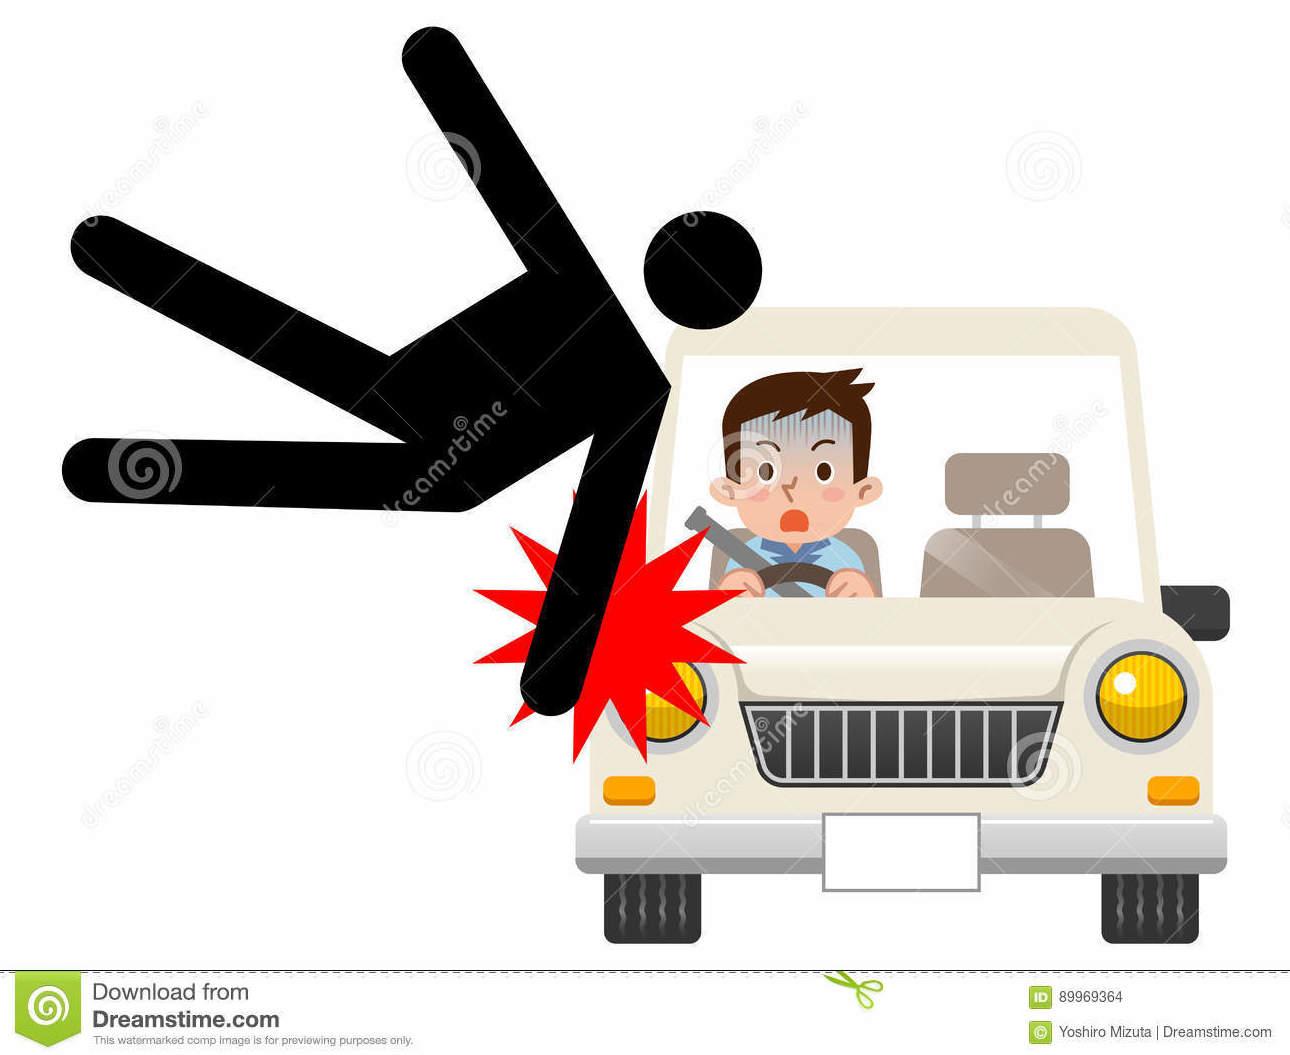 Accidentes de tráfico: SERVICIOS  de Rubén González SIERRA Abogados